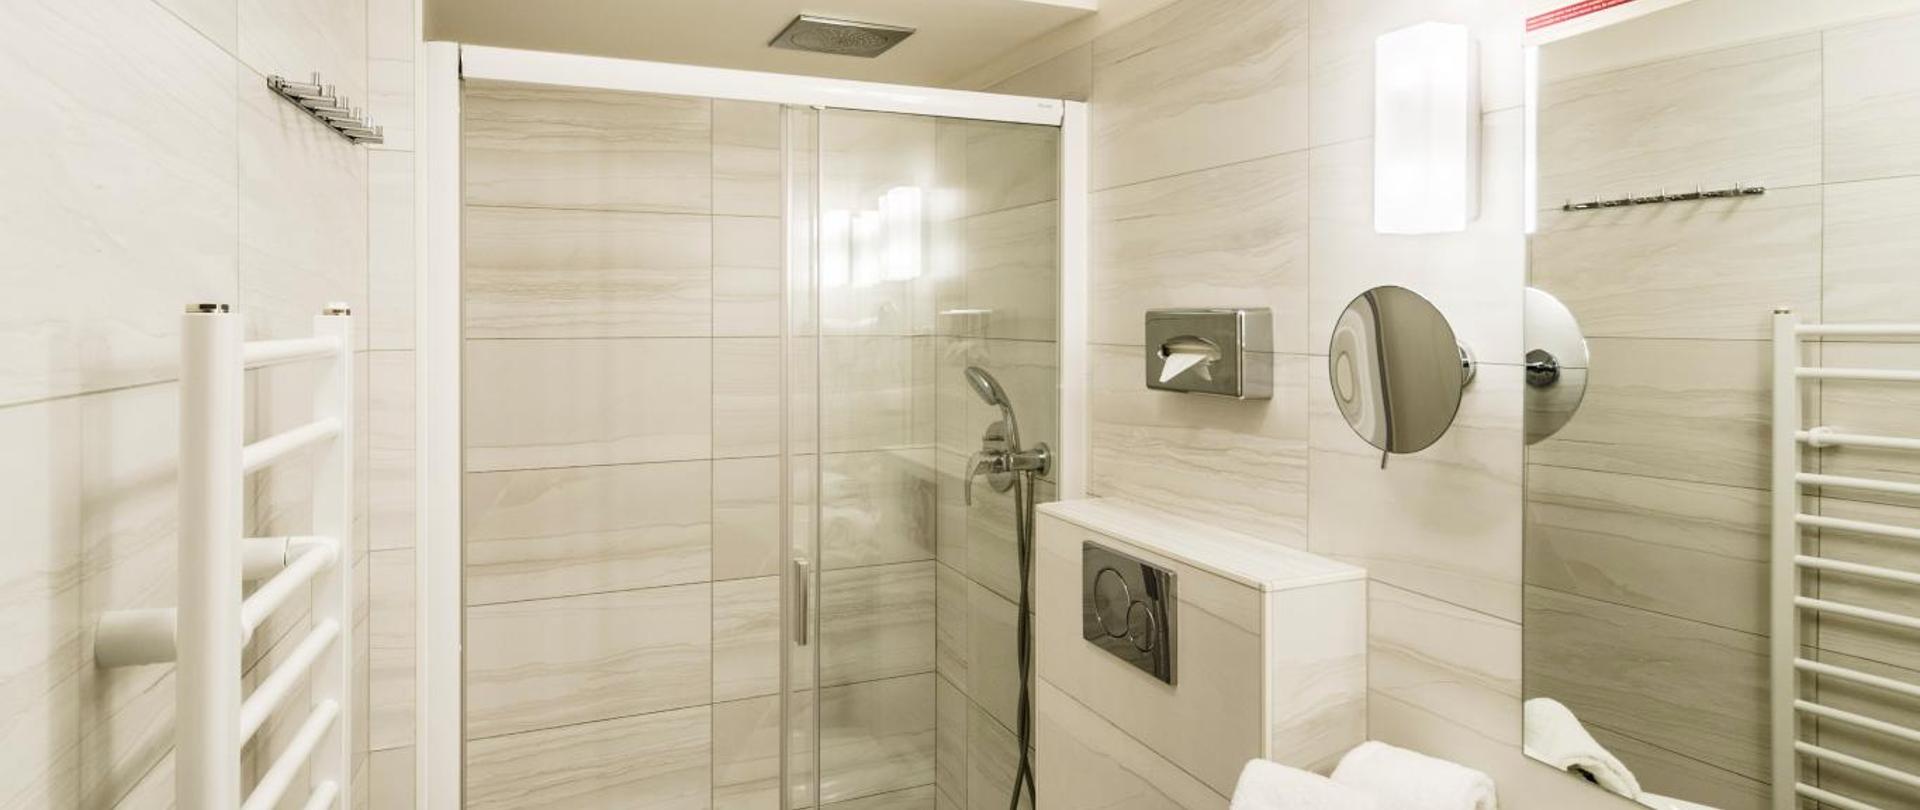 Třílůžkový pokoj s výhledem na řeku_koupelna.jpg